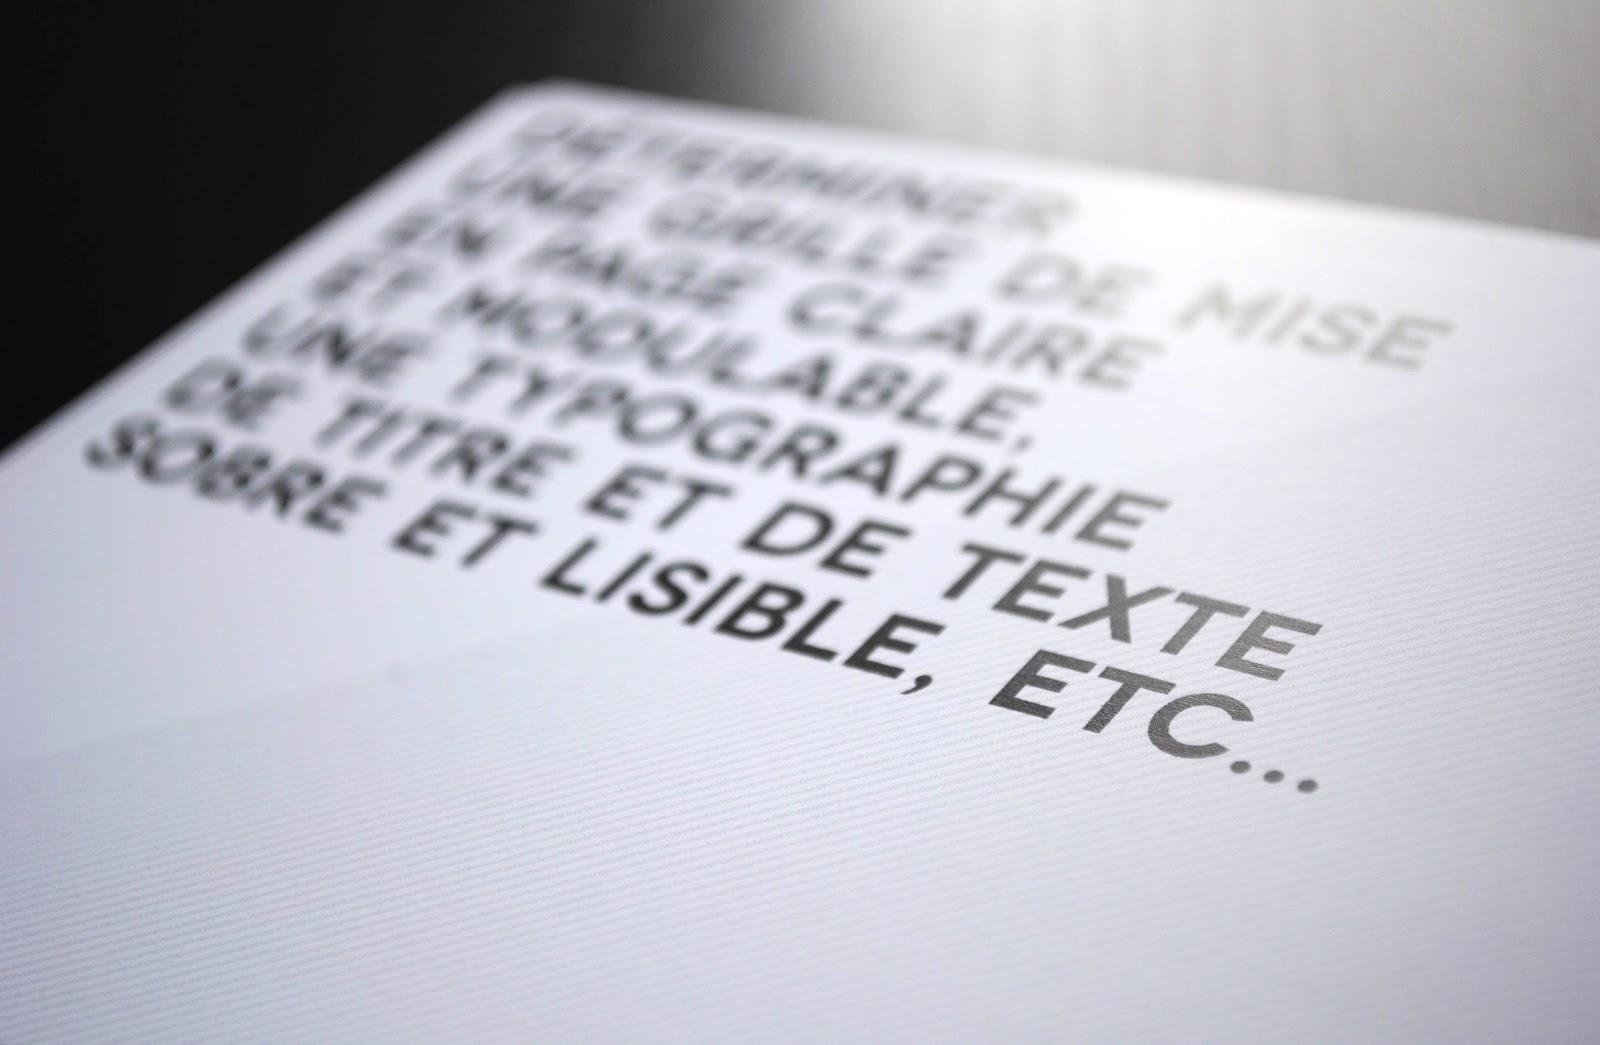 Extrêmement Typographisme: Rapport de Stage 2 EB25